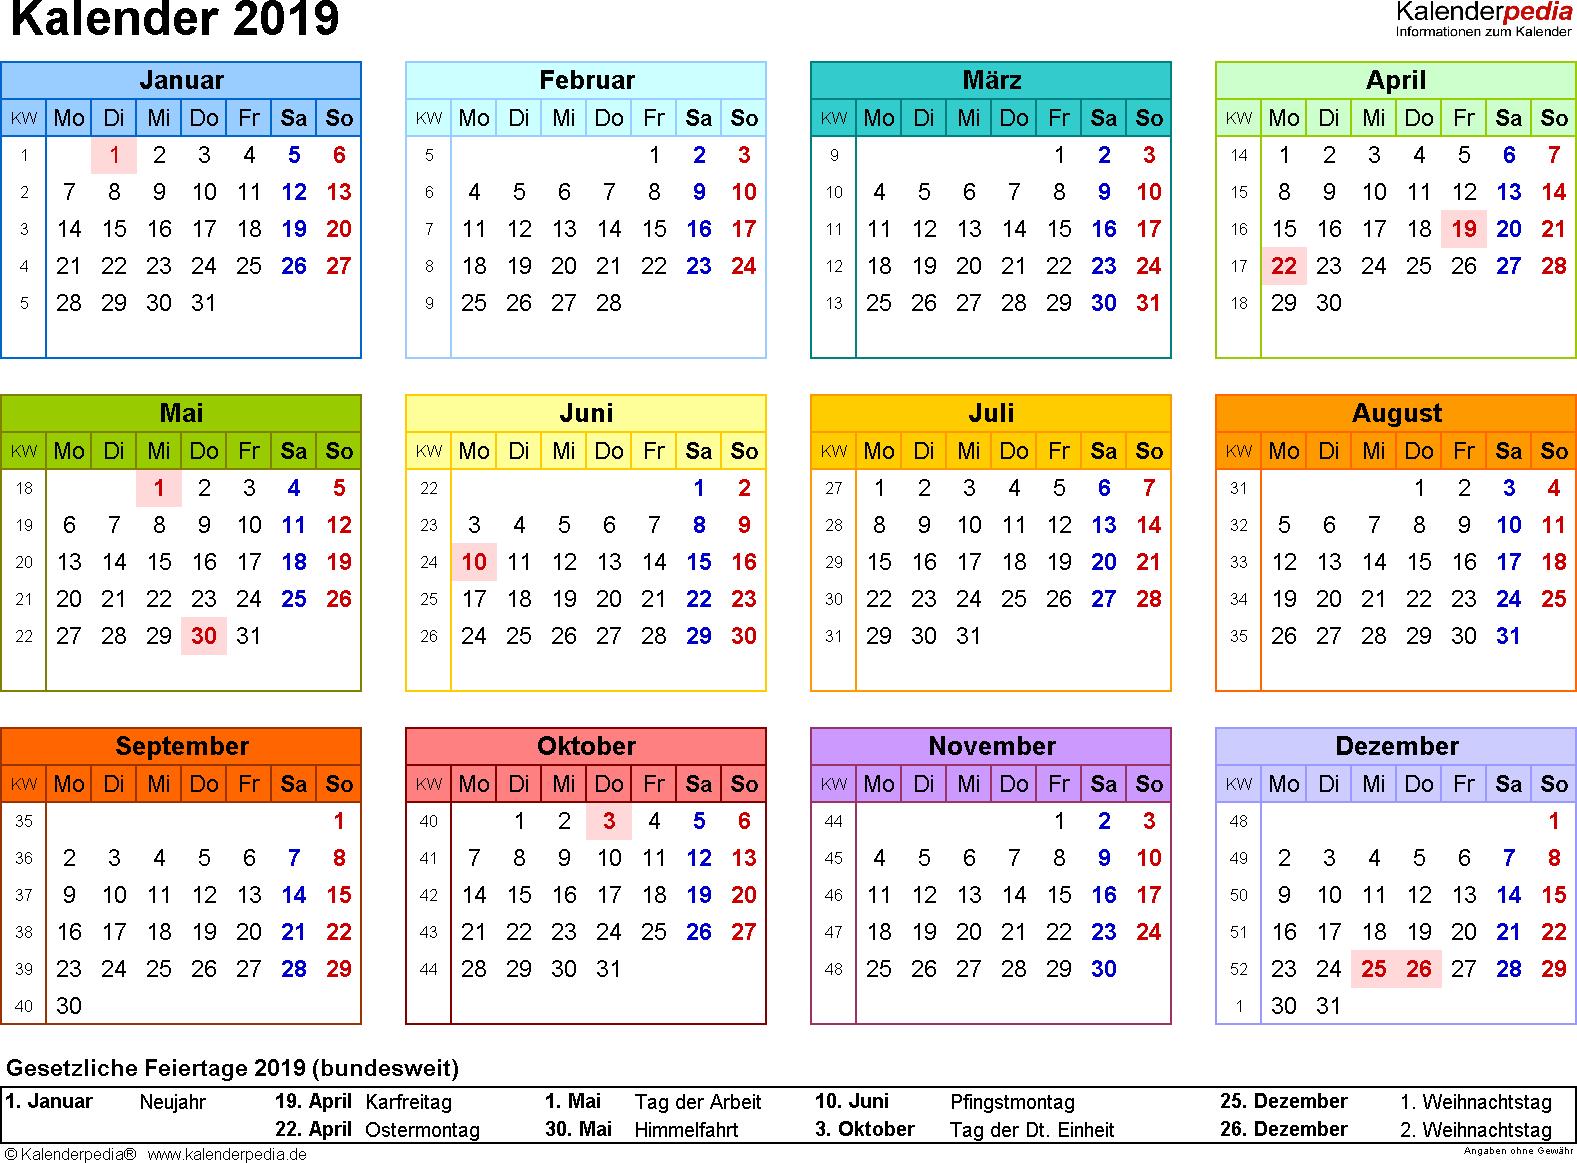 Vorlage 8: Kalender 2019 als PDF-Datei, Querformat, 1 Seite, in Farbe